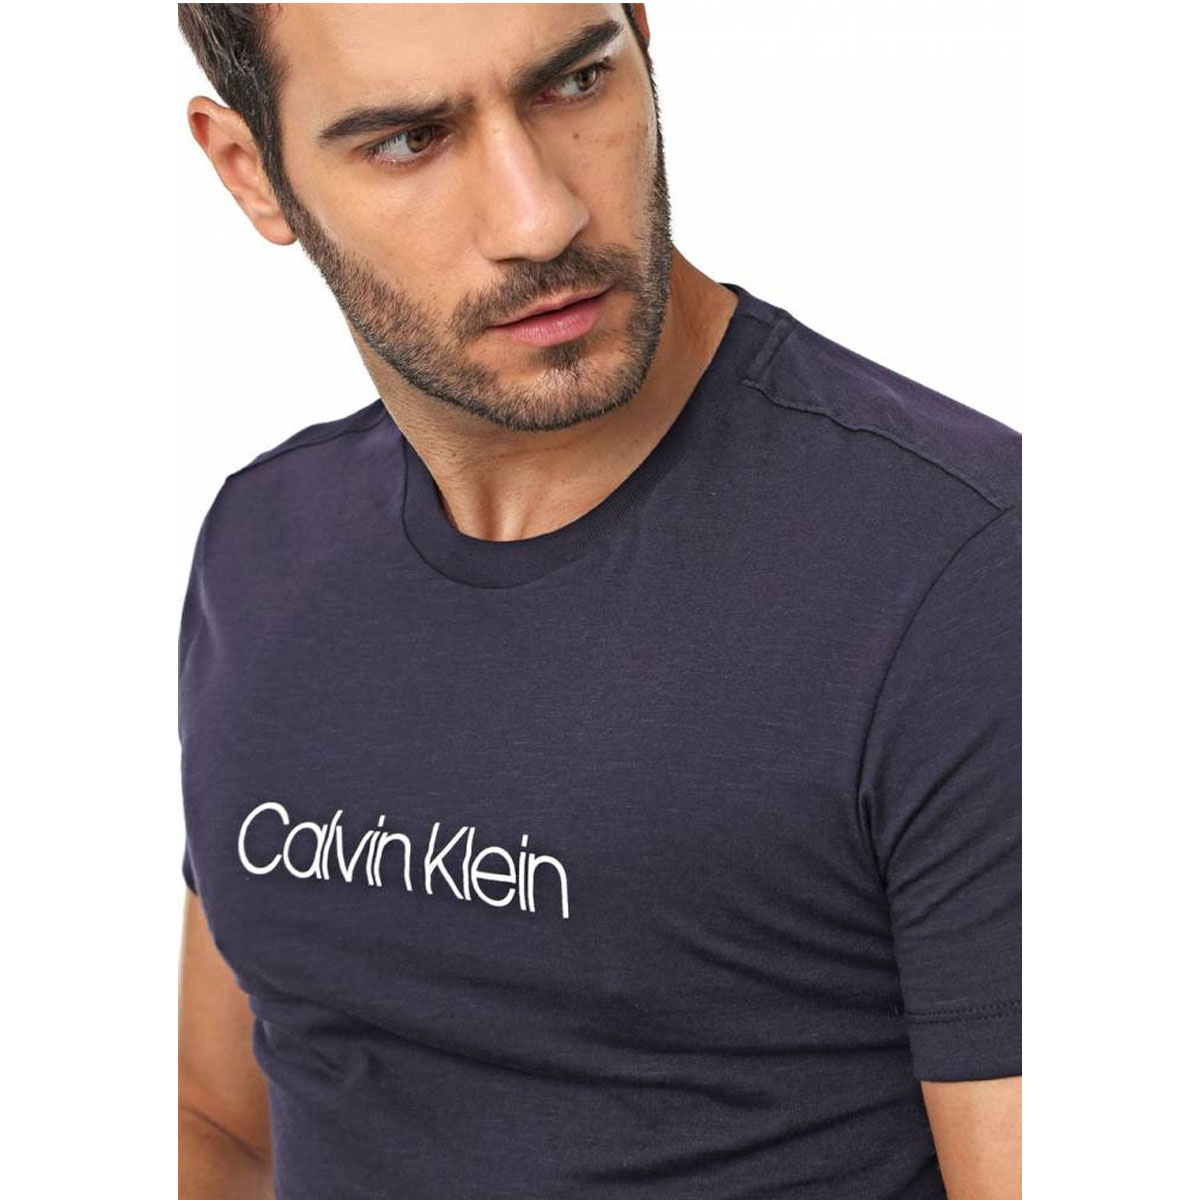 Camiseta Calvin Klein Masculina Flame Azul Marinho